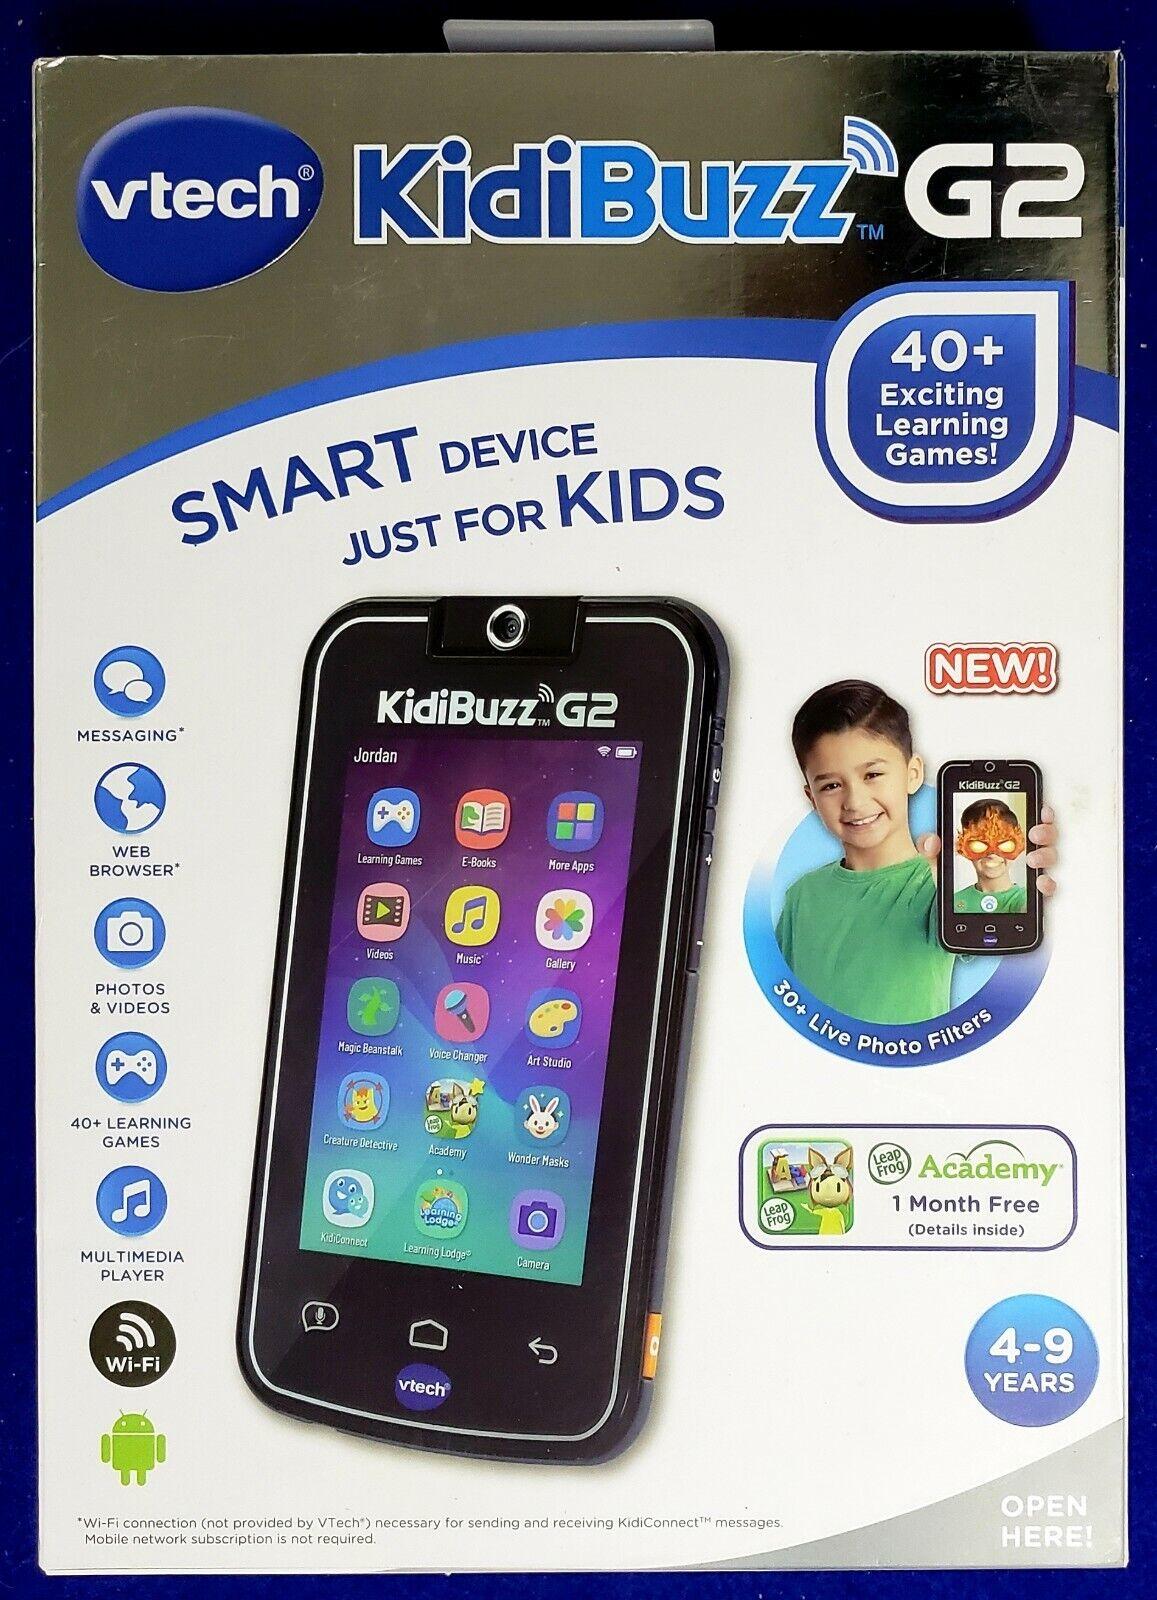 Vtech kidibuzz G2 dispositivo inteligente para niños 30+ filtros de fotos en vivo